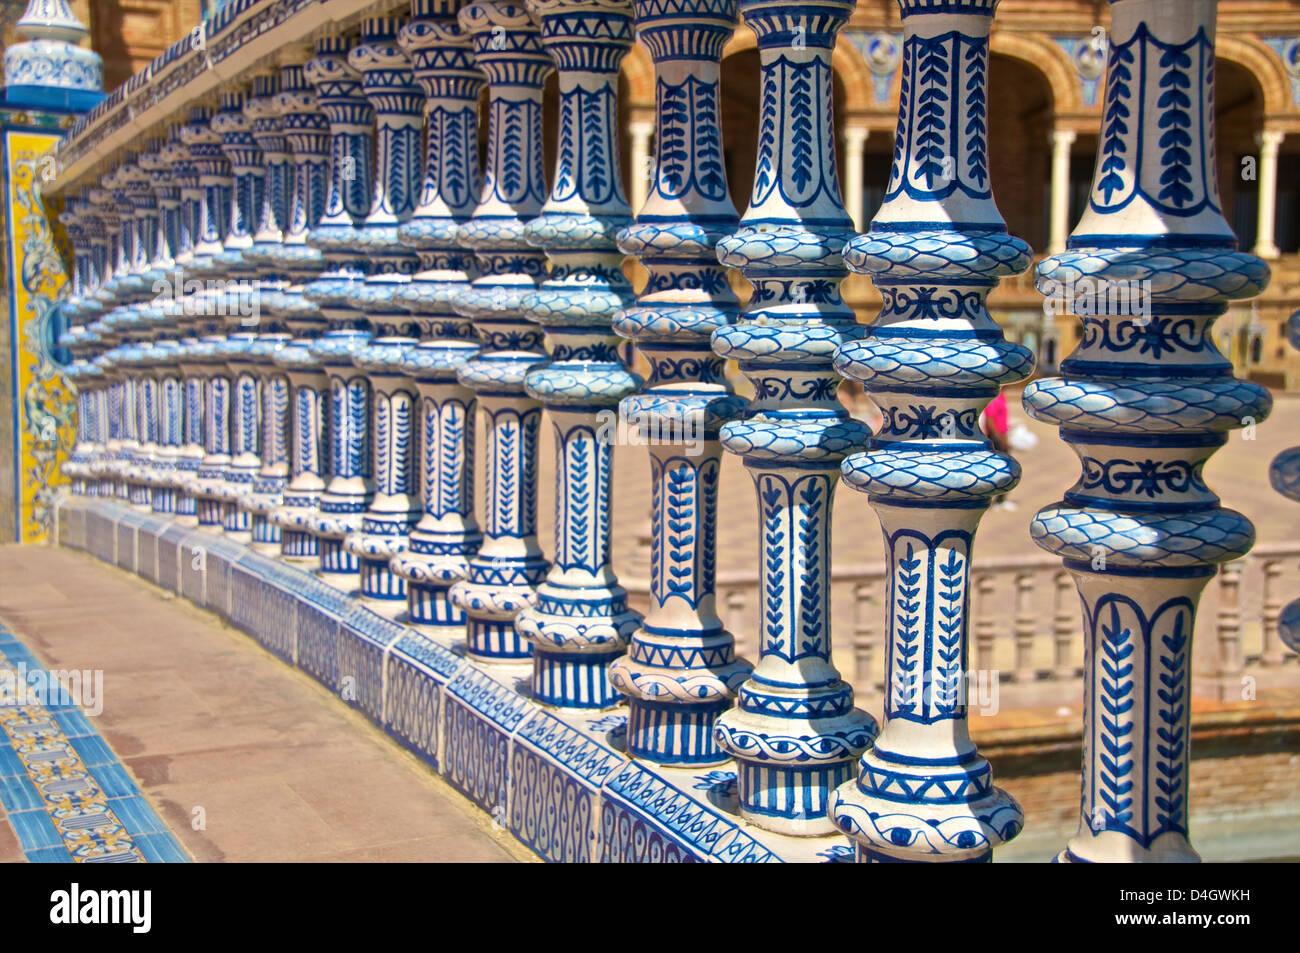 Decoración Cerámica columnas, Plaza de España, Sevilla, Andalucía, España Imagen De Stock